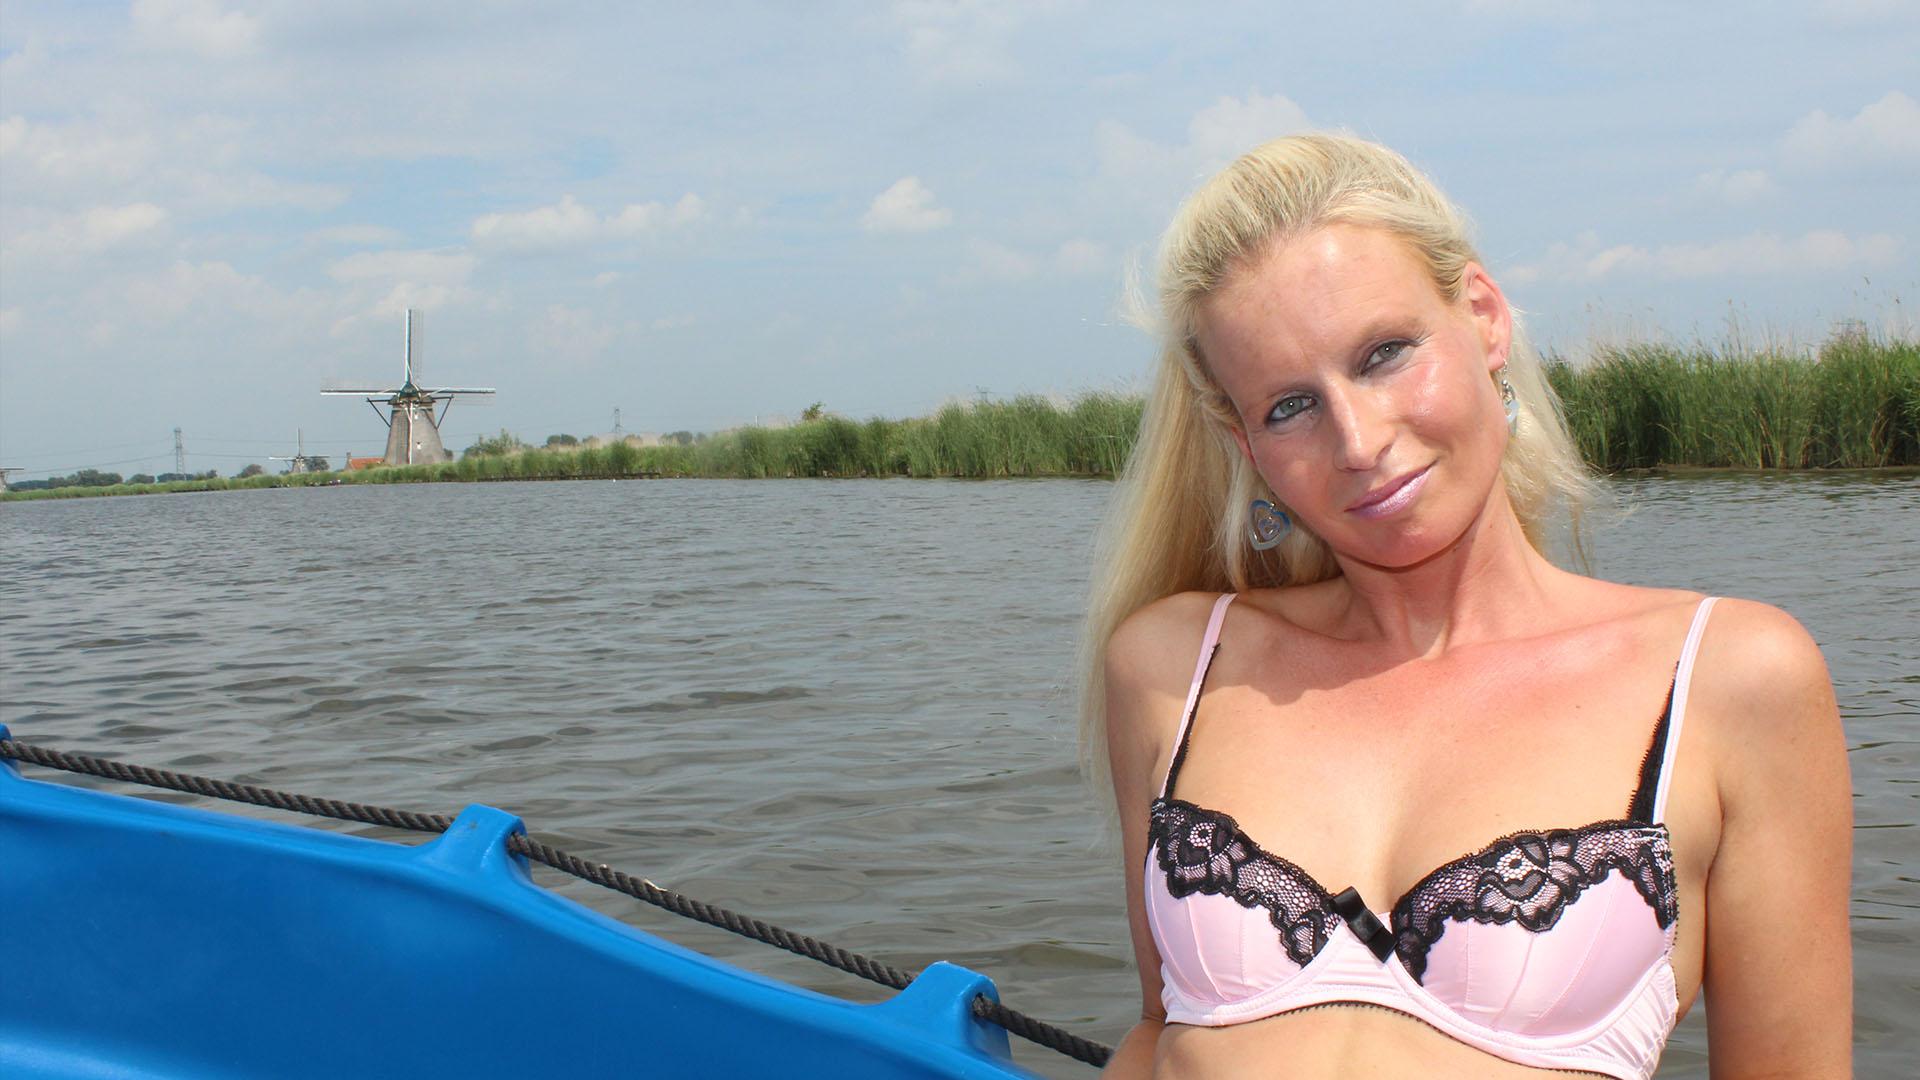 Geile foto van de hete Meiden van Holland sexfilm: Angel in de boot genomen